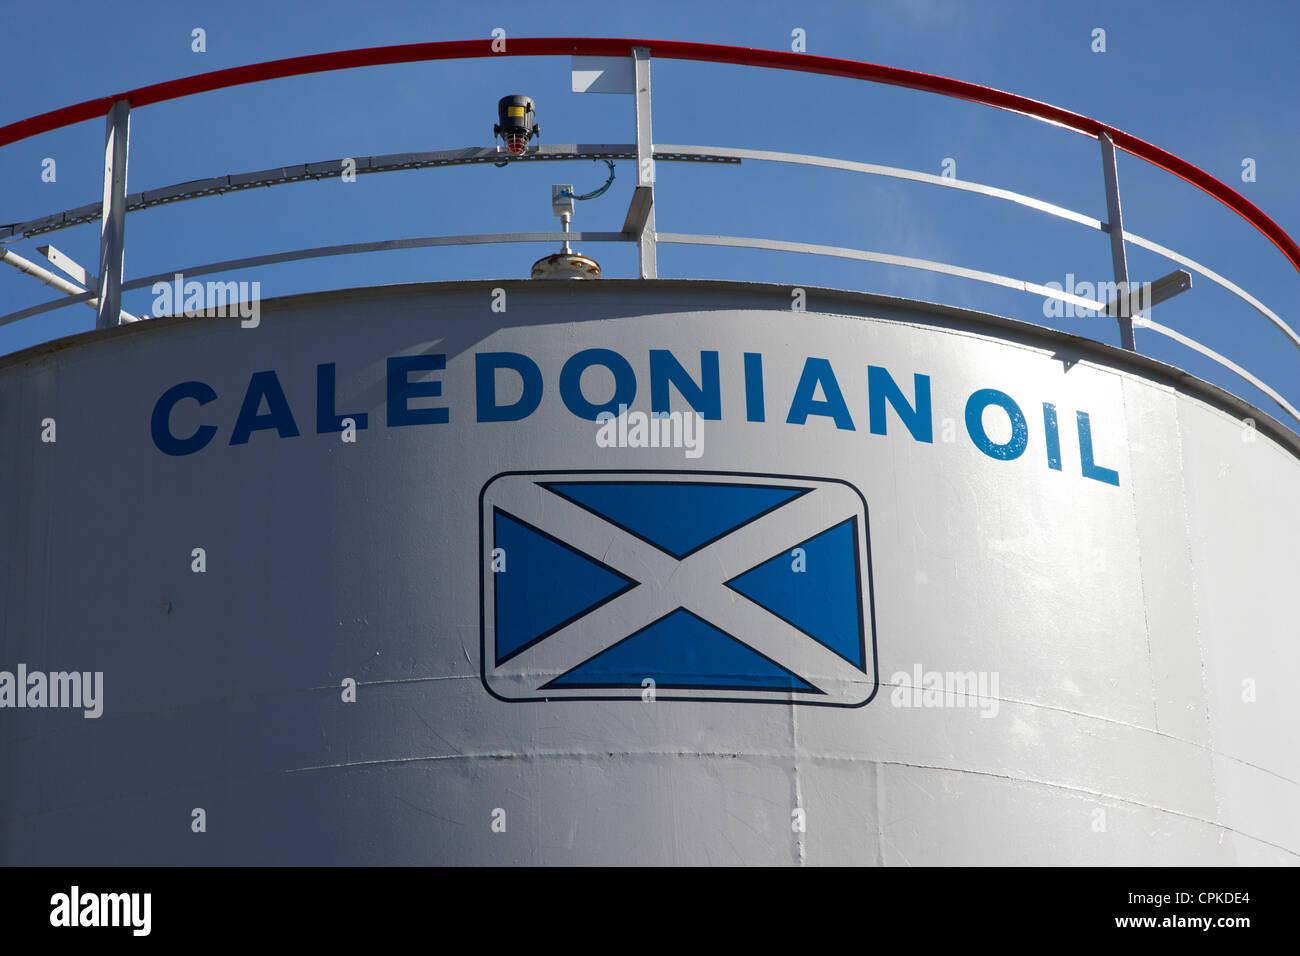 L'huile à chauffage huile calédonien de conteneurs de stockage en Ecosse oban Photo Stock